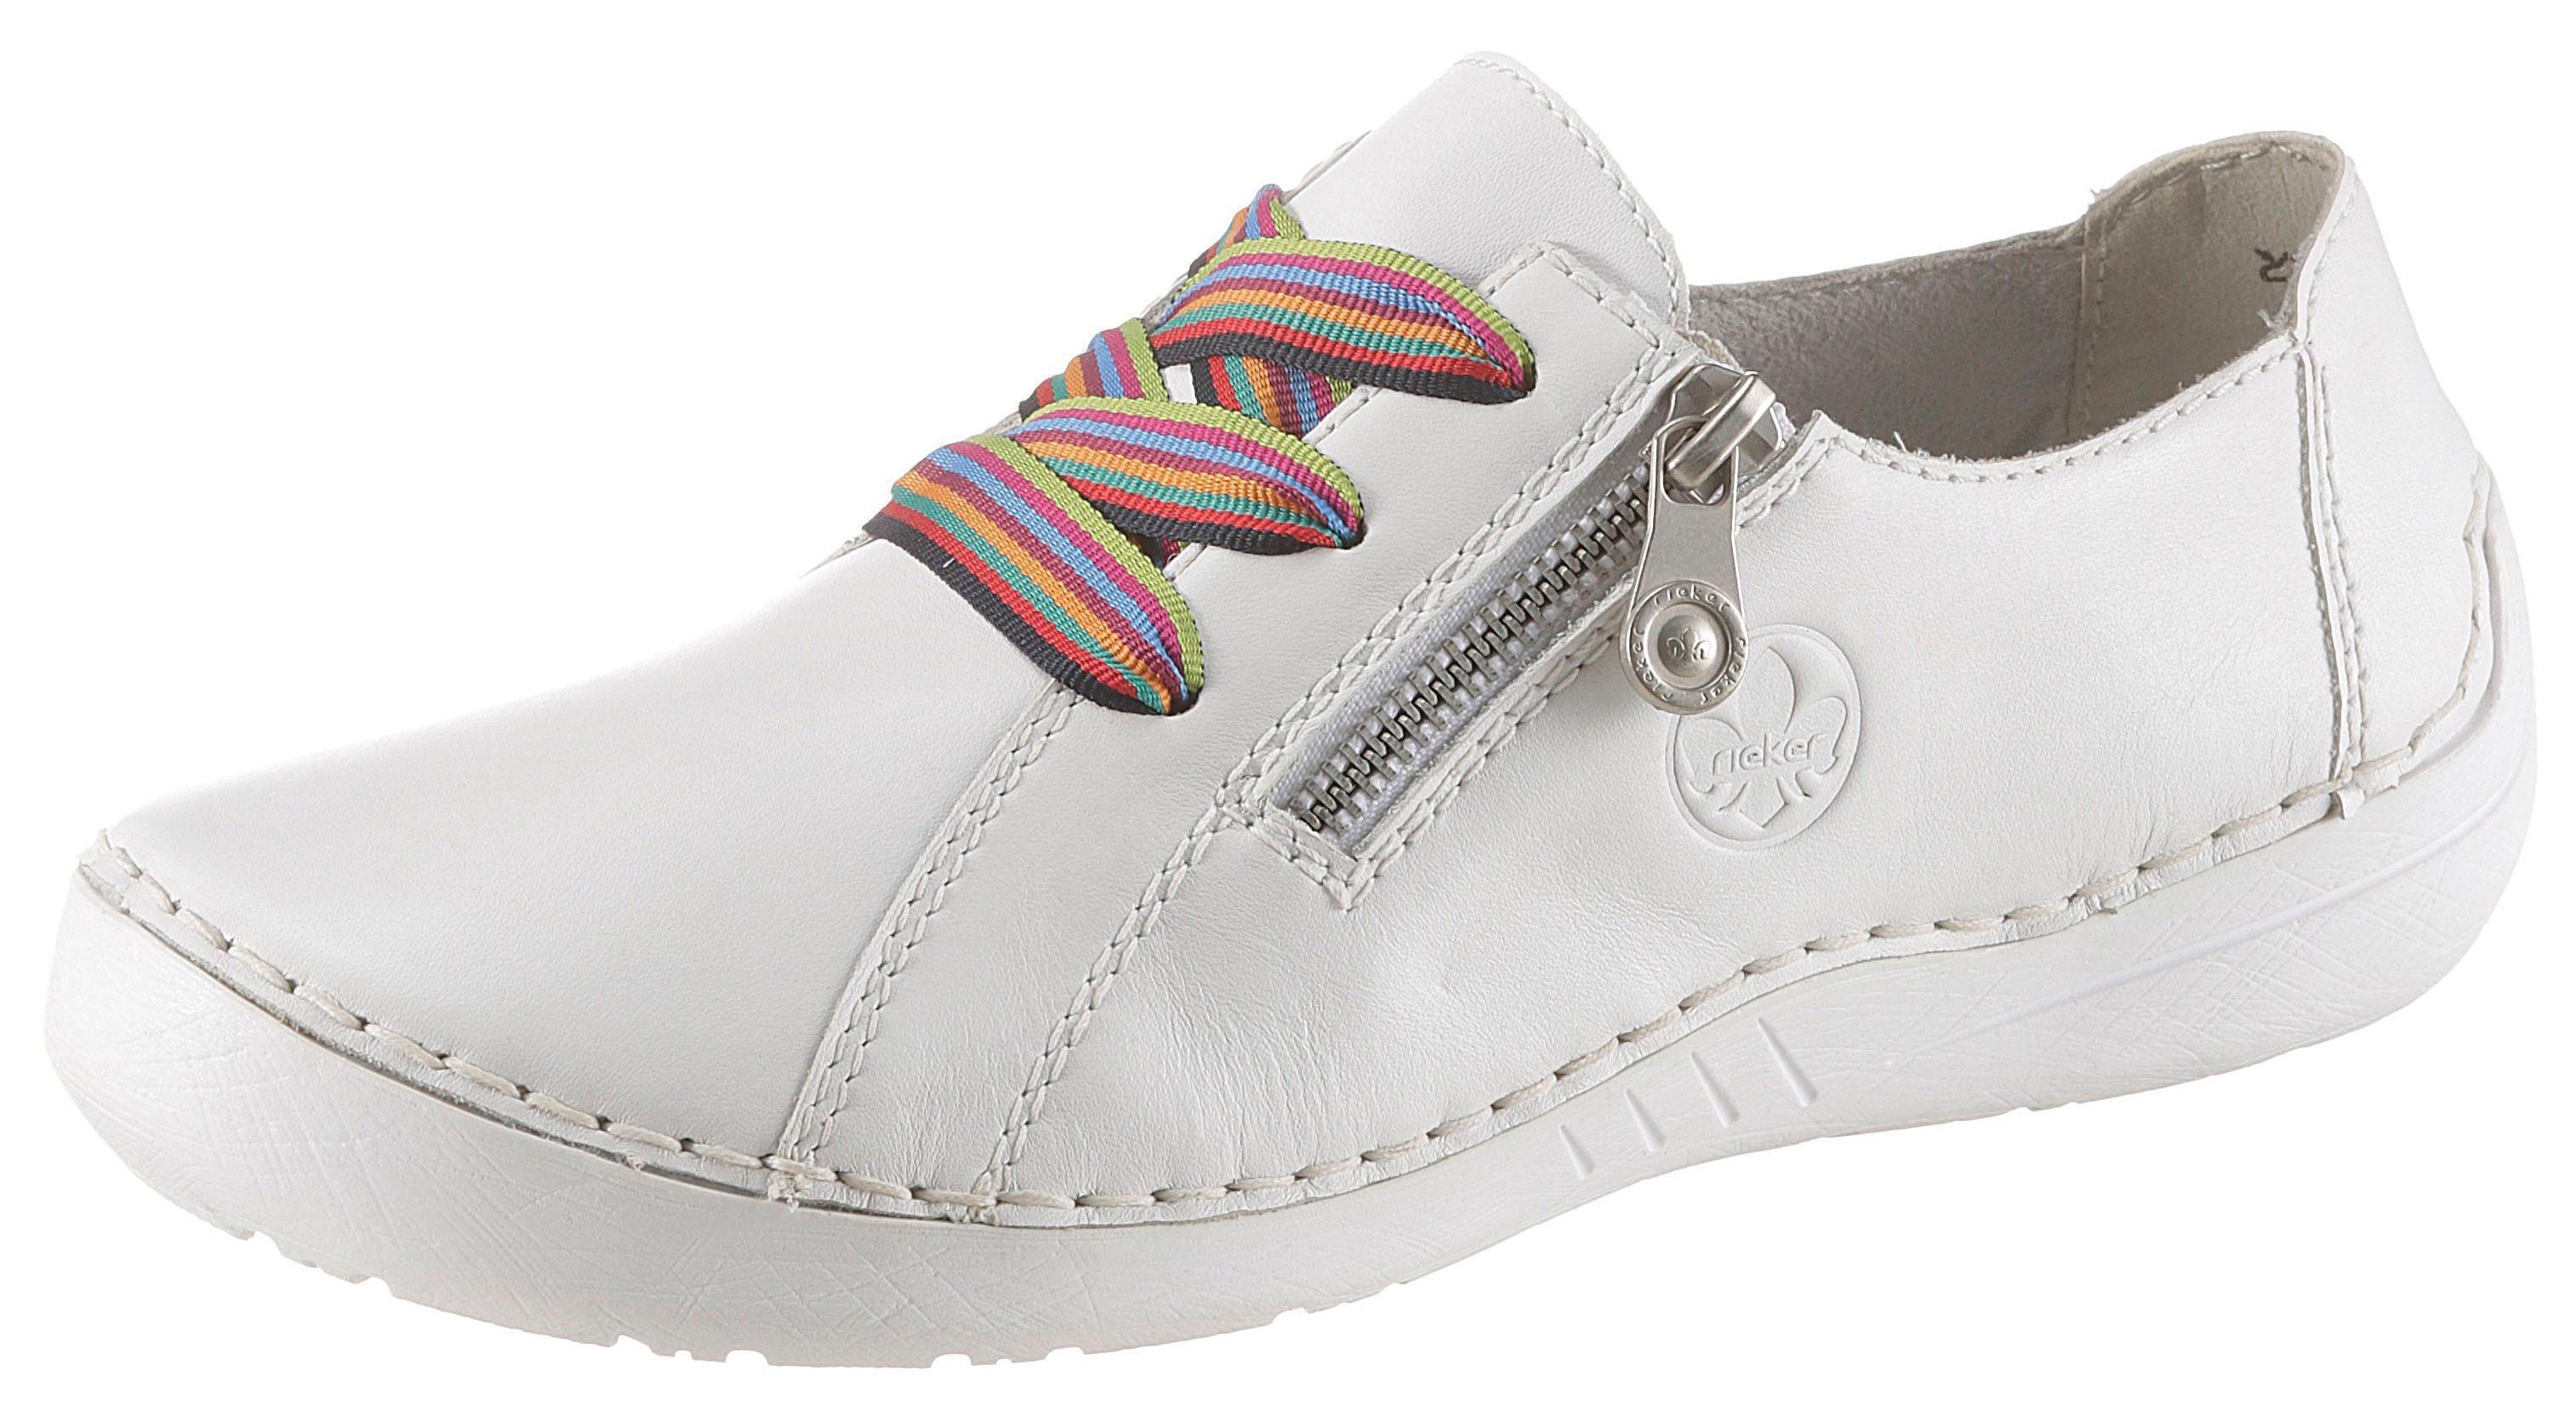 Rieker Sneaker mit seitlichem Logodruck, Mit bunten Schnürsenkeln online kaufen   OTTO